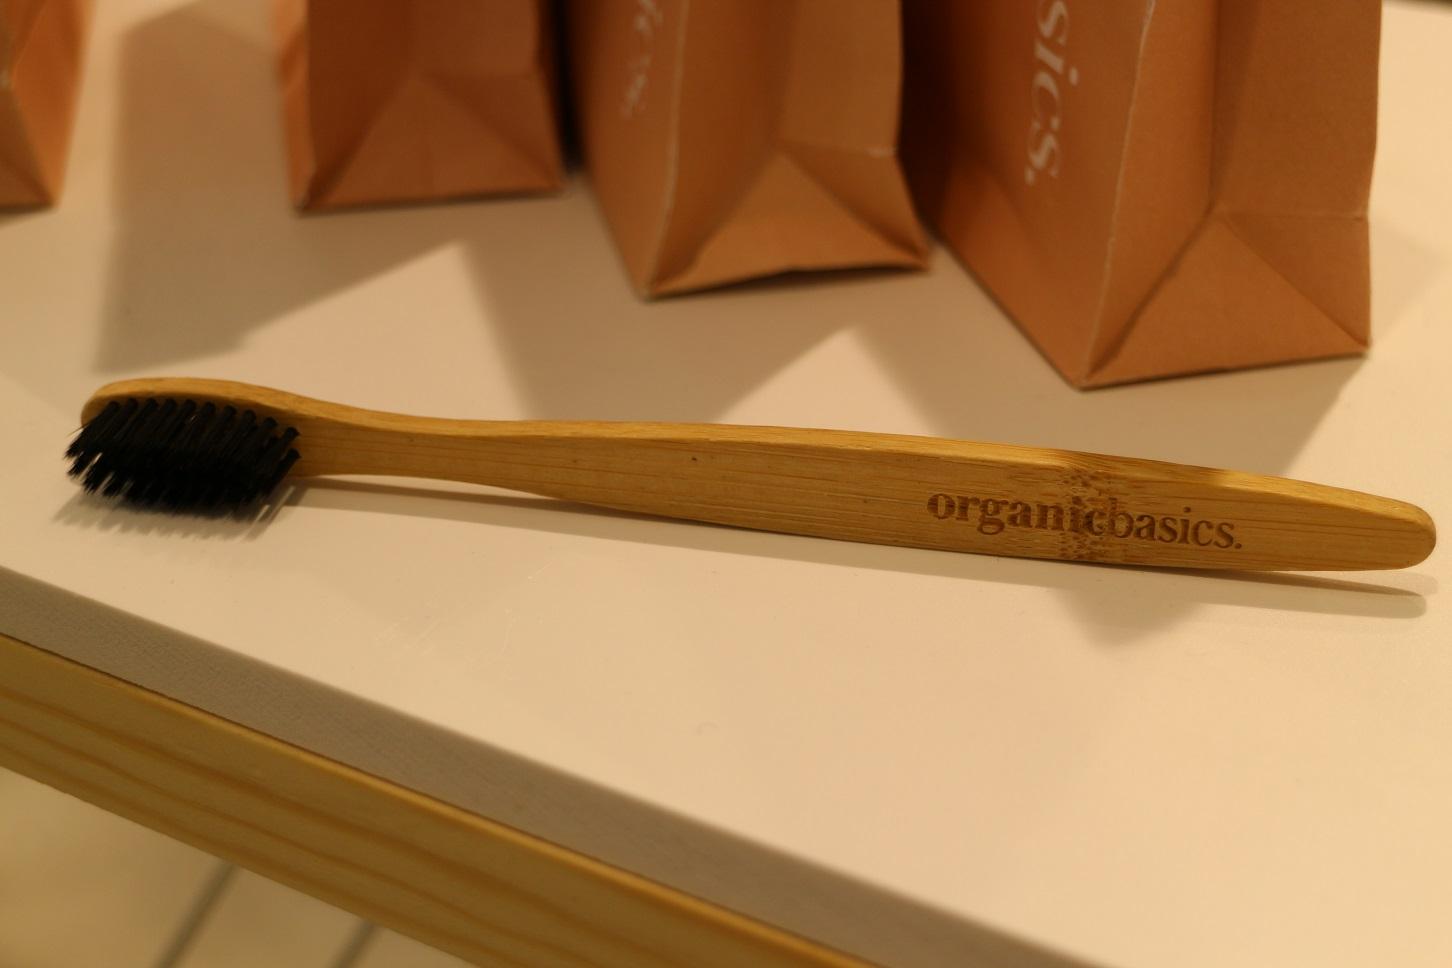 A escova de dentes feita em bambu reciclado e cerdas de carvão ativado, que absorve naturalmente a placa bacteriana (Foto: Janaina Cesar)